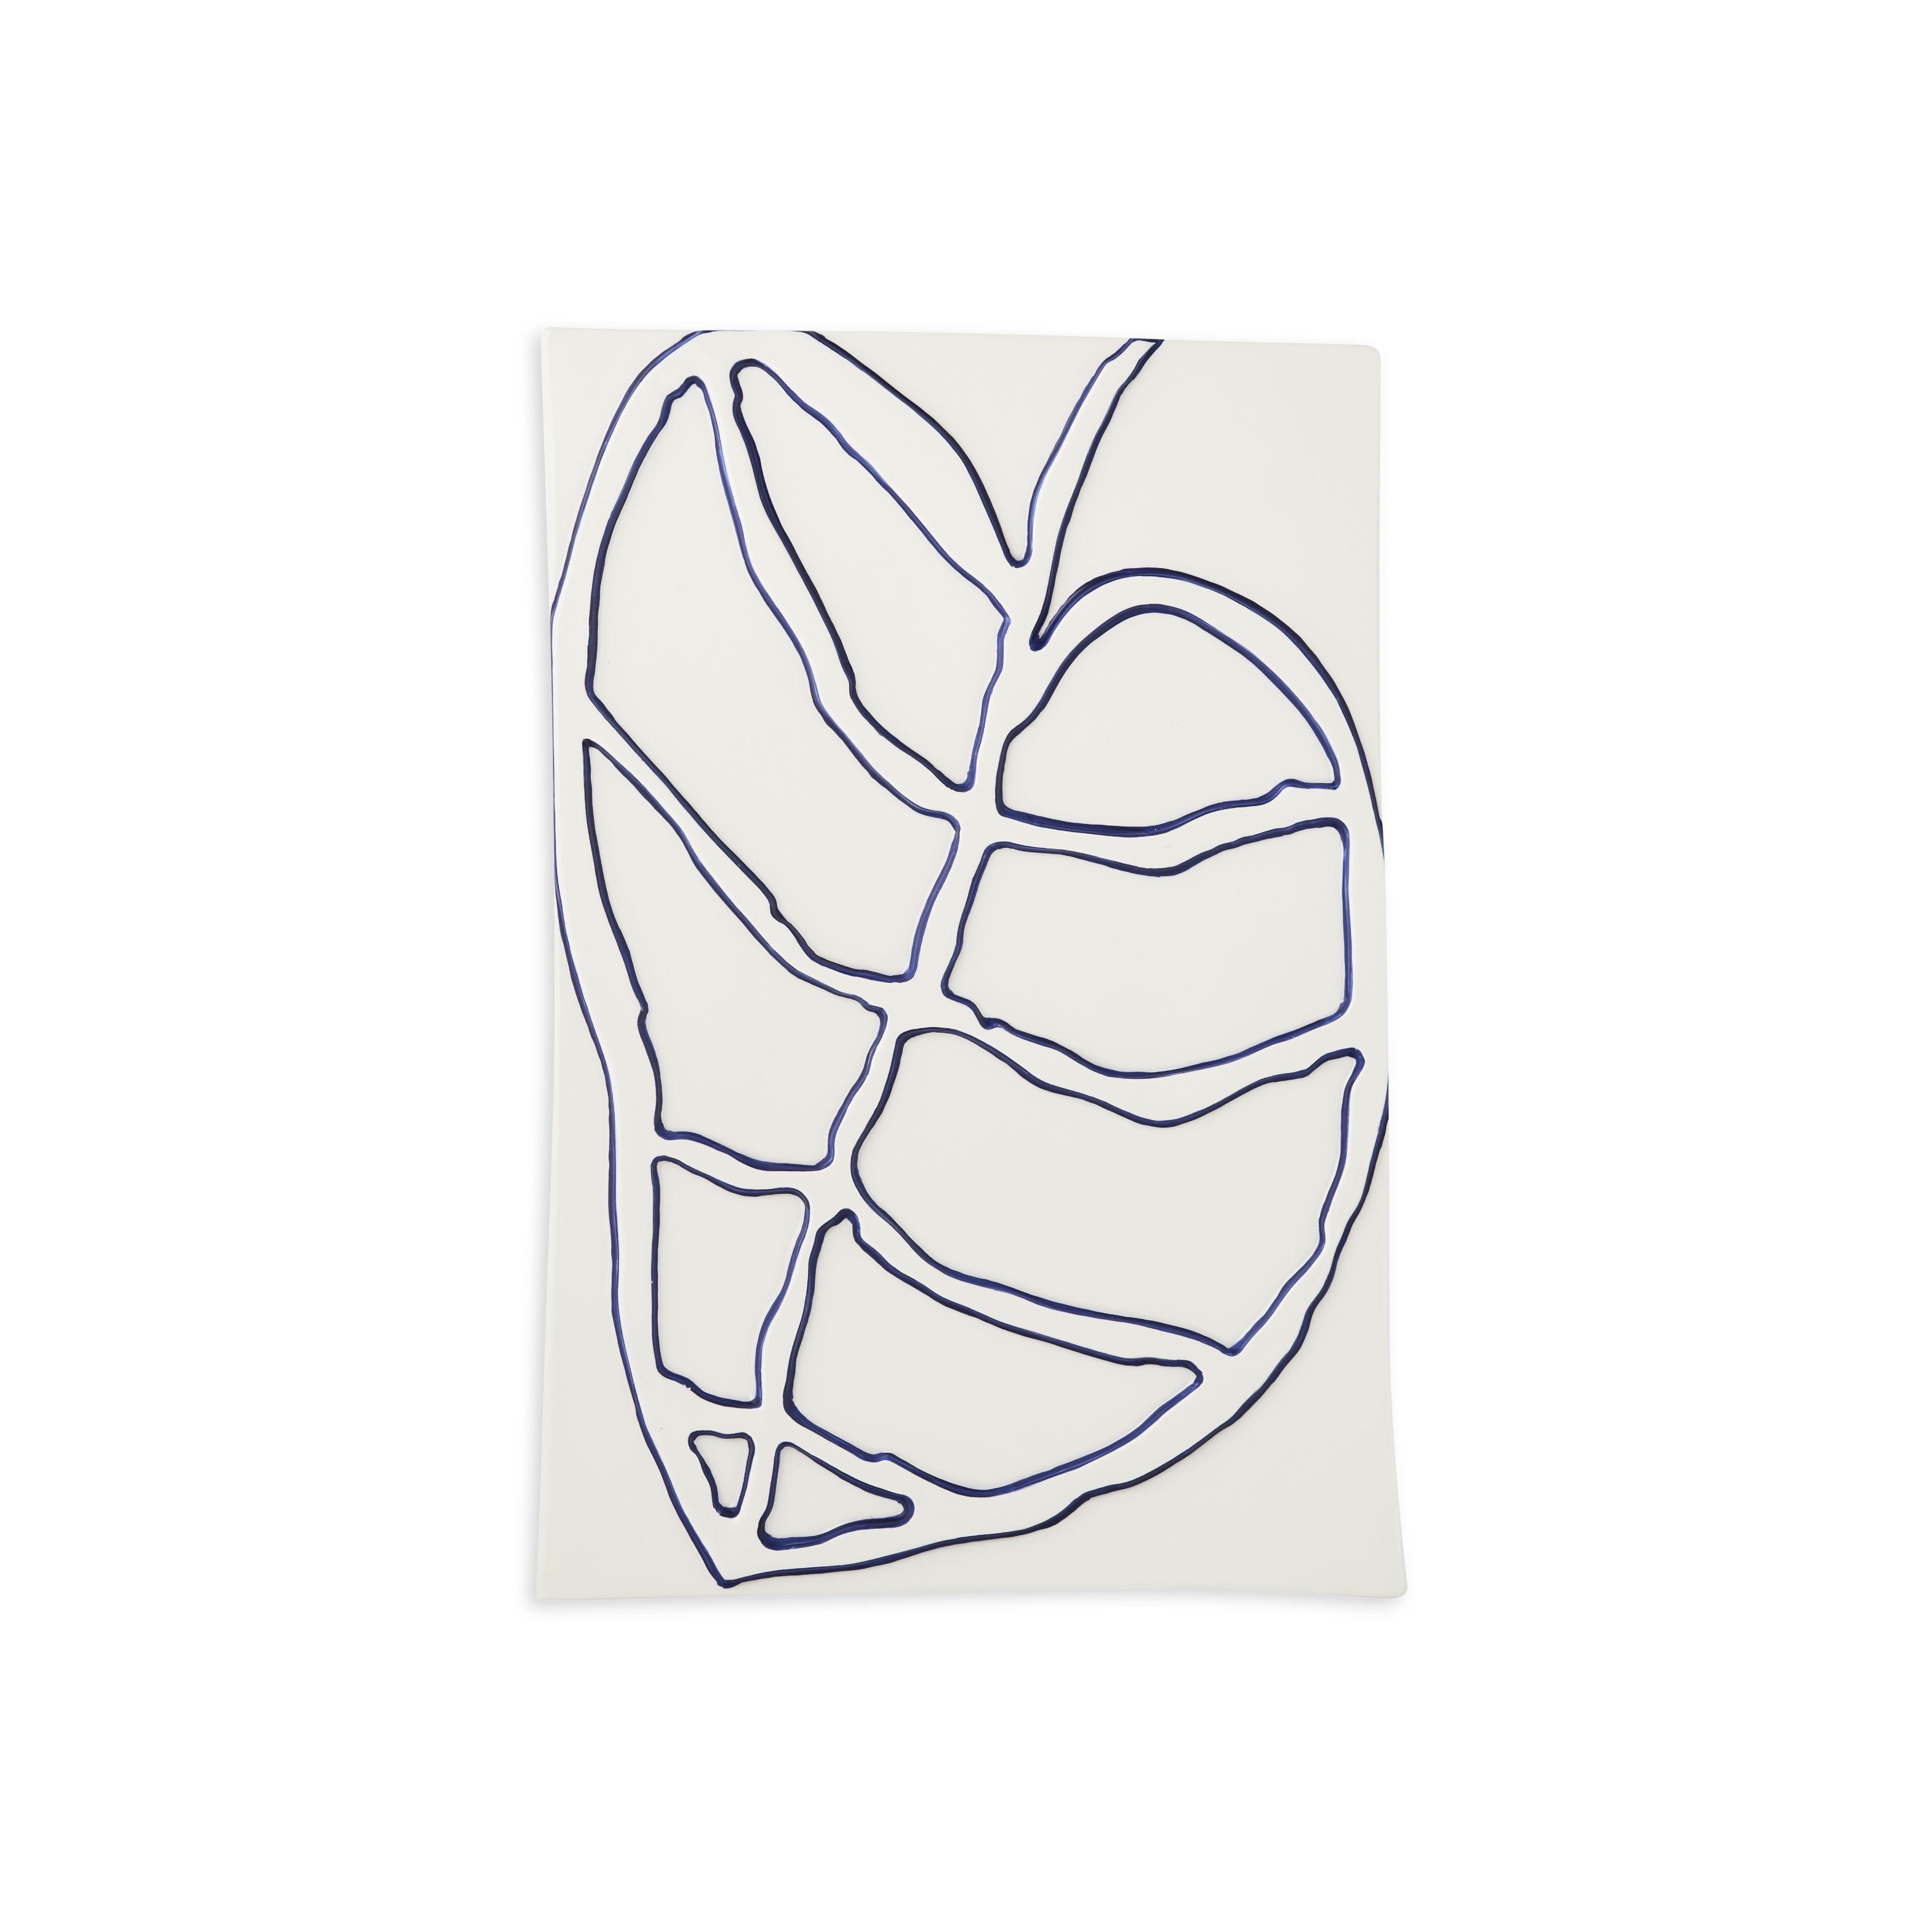 Kähler Relief blad vægophæng, 28x41 cm, hvid